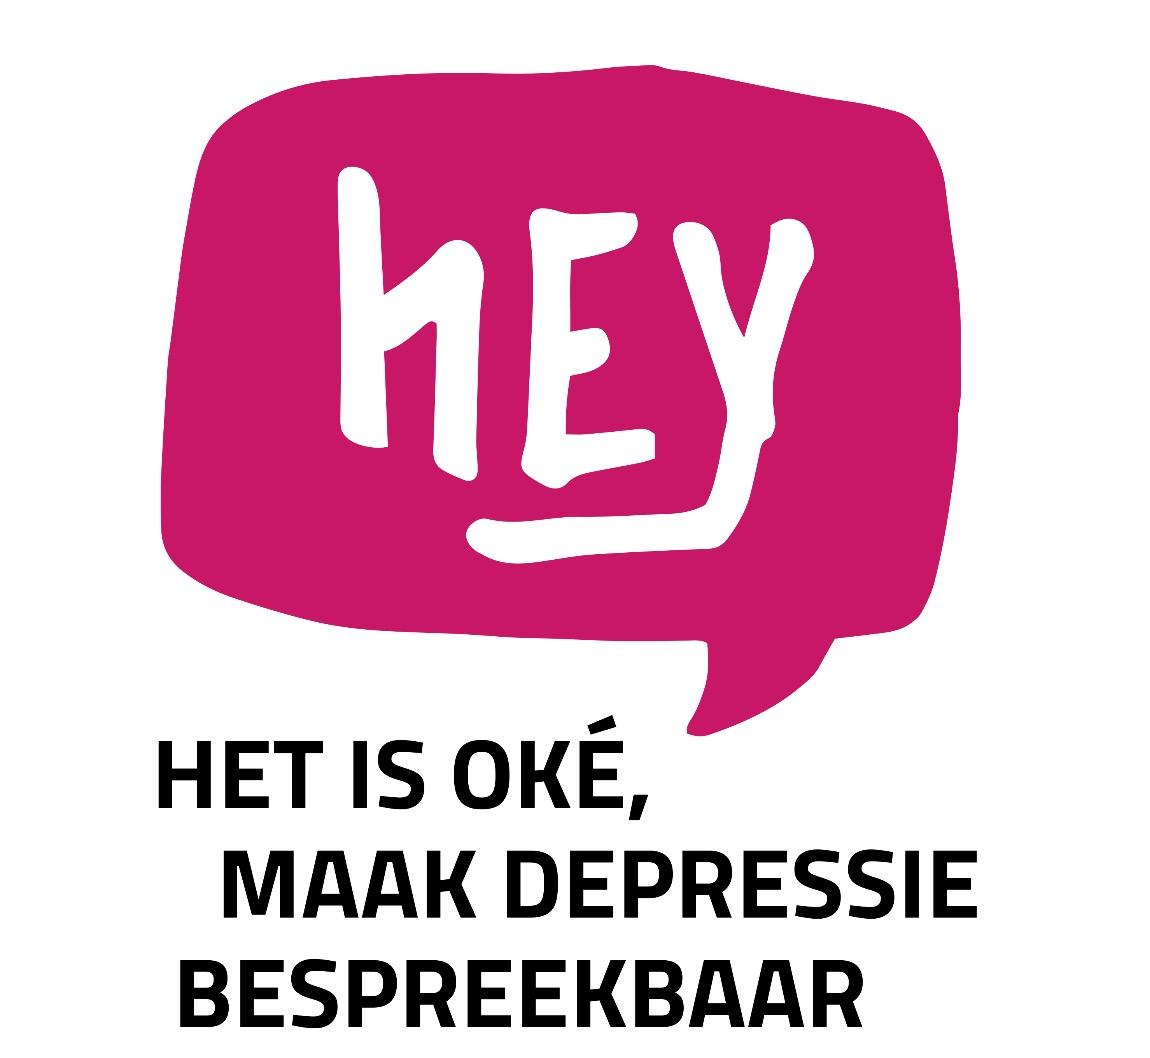 Hey! Het is oké depressie